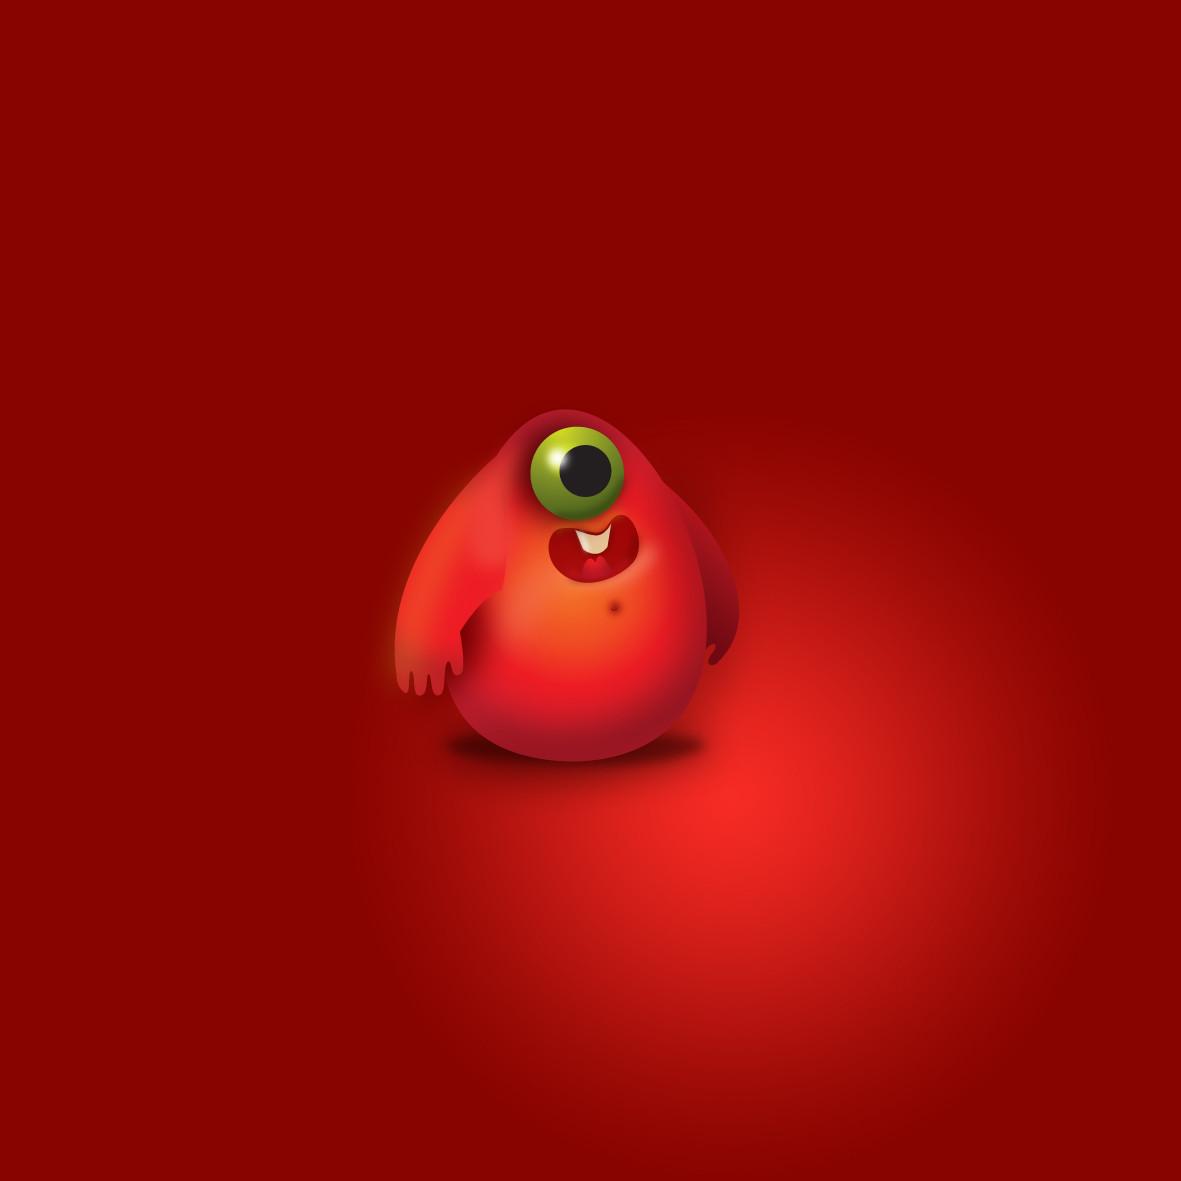 04_monster_red.jpg